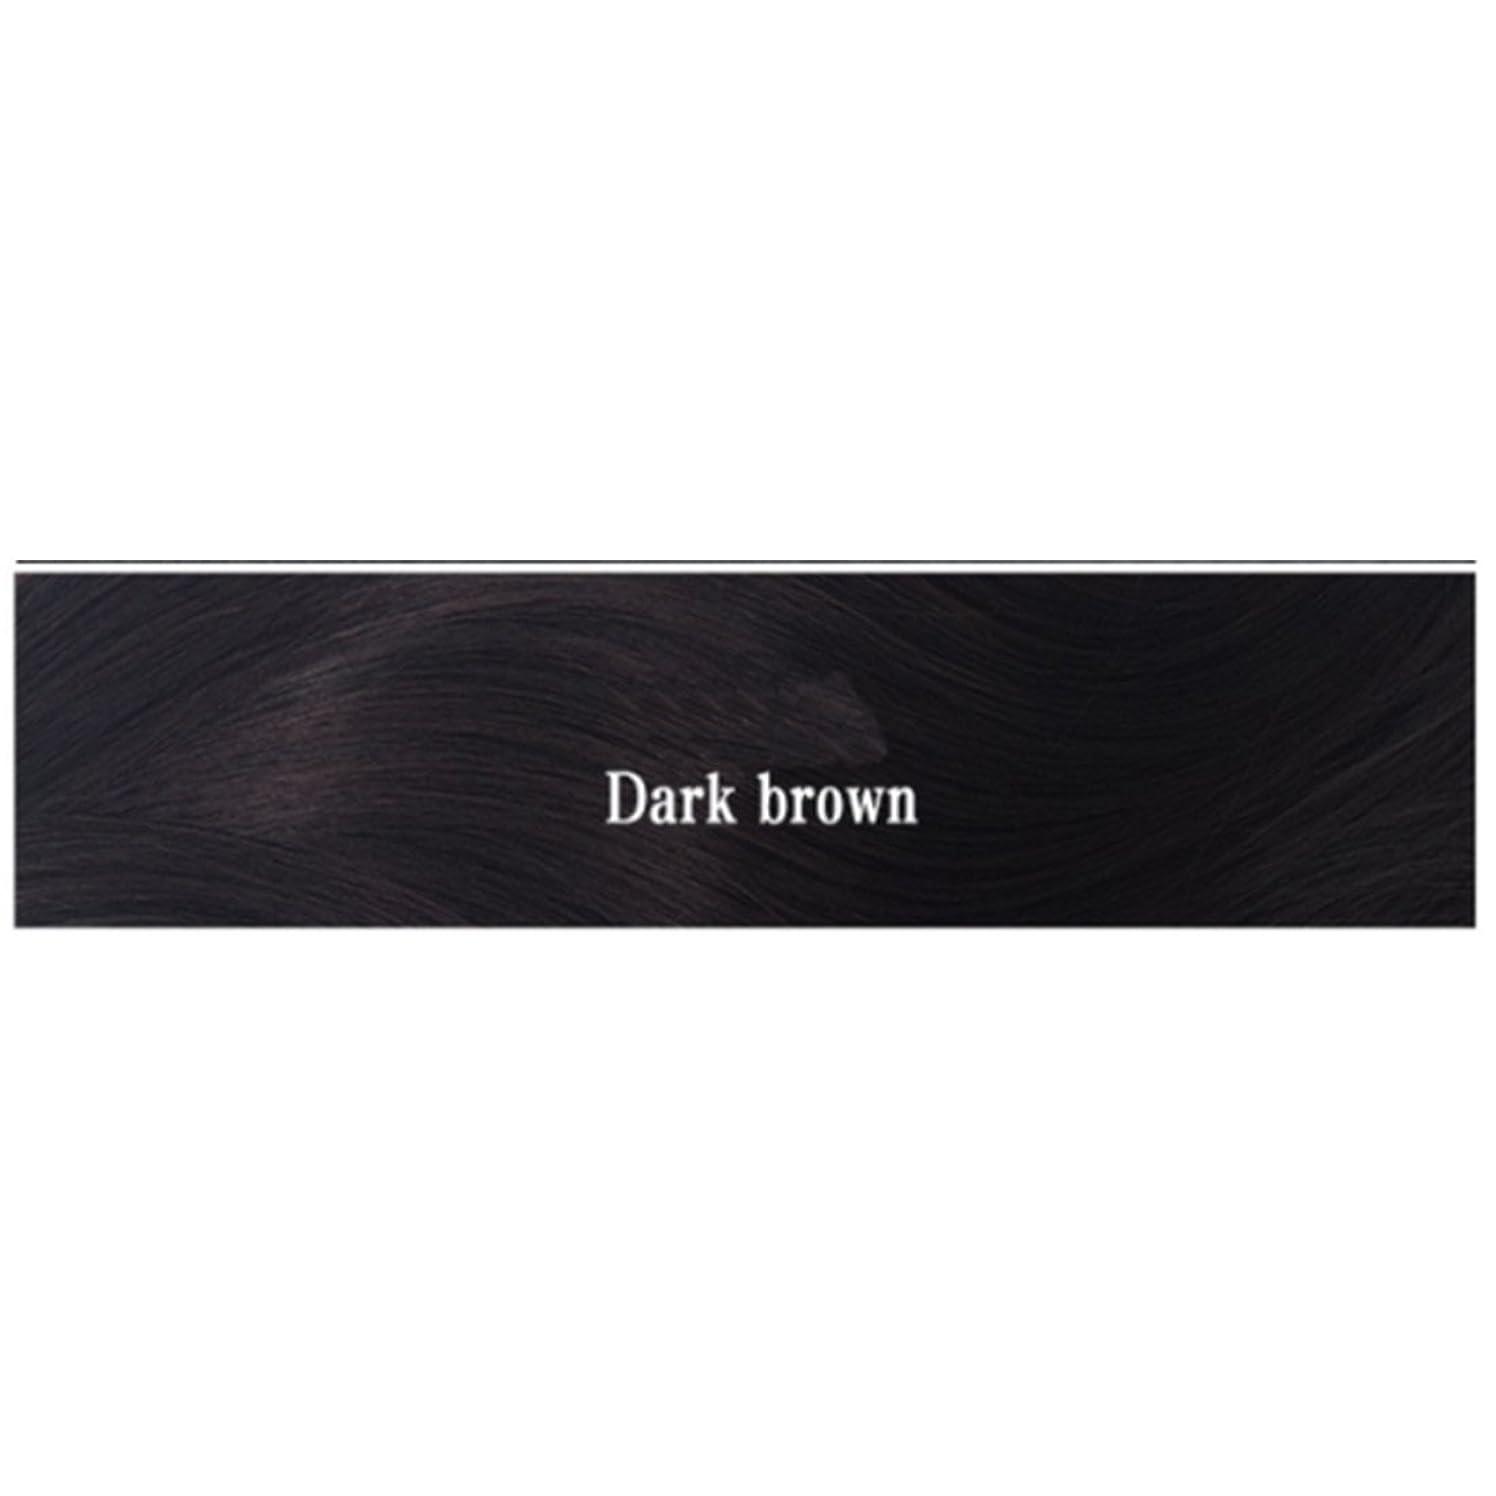 気性誕生目立つBOBIDYEE 女性のためのナチュラルカラーウィッグショートボブ合成フルヘアウィッグ耐熱ショートストレートウィッグ女性35センチファッションウィッグ (色 : Dark brown)